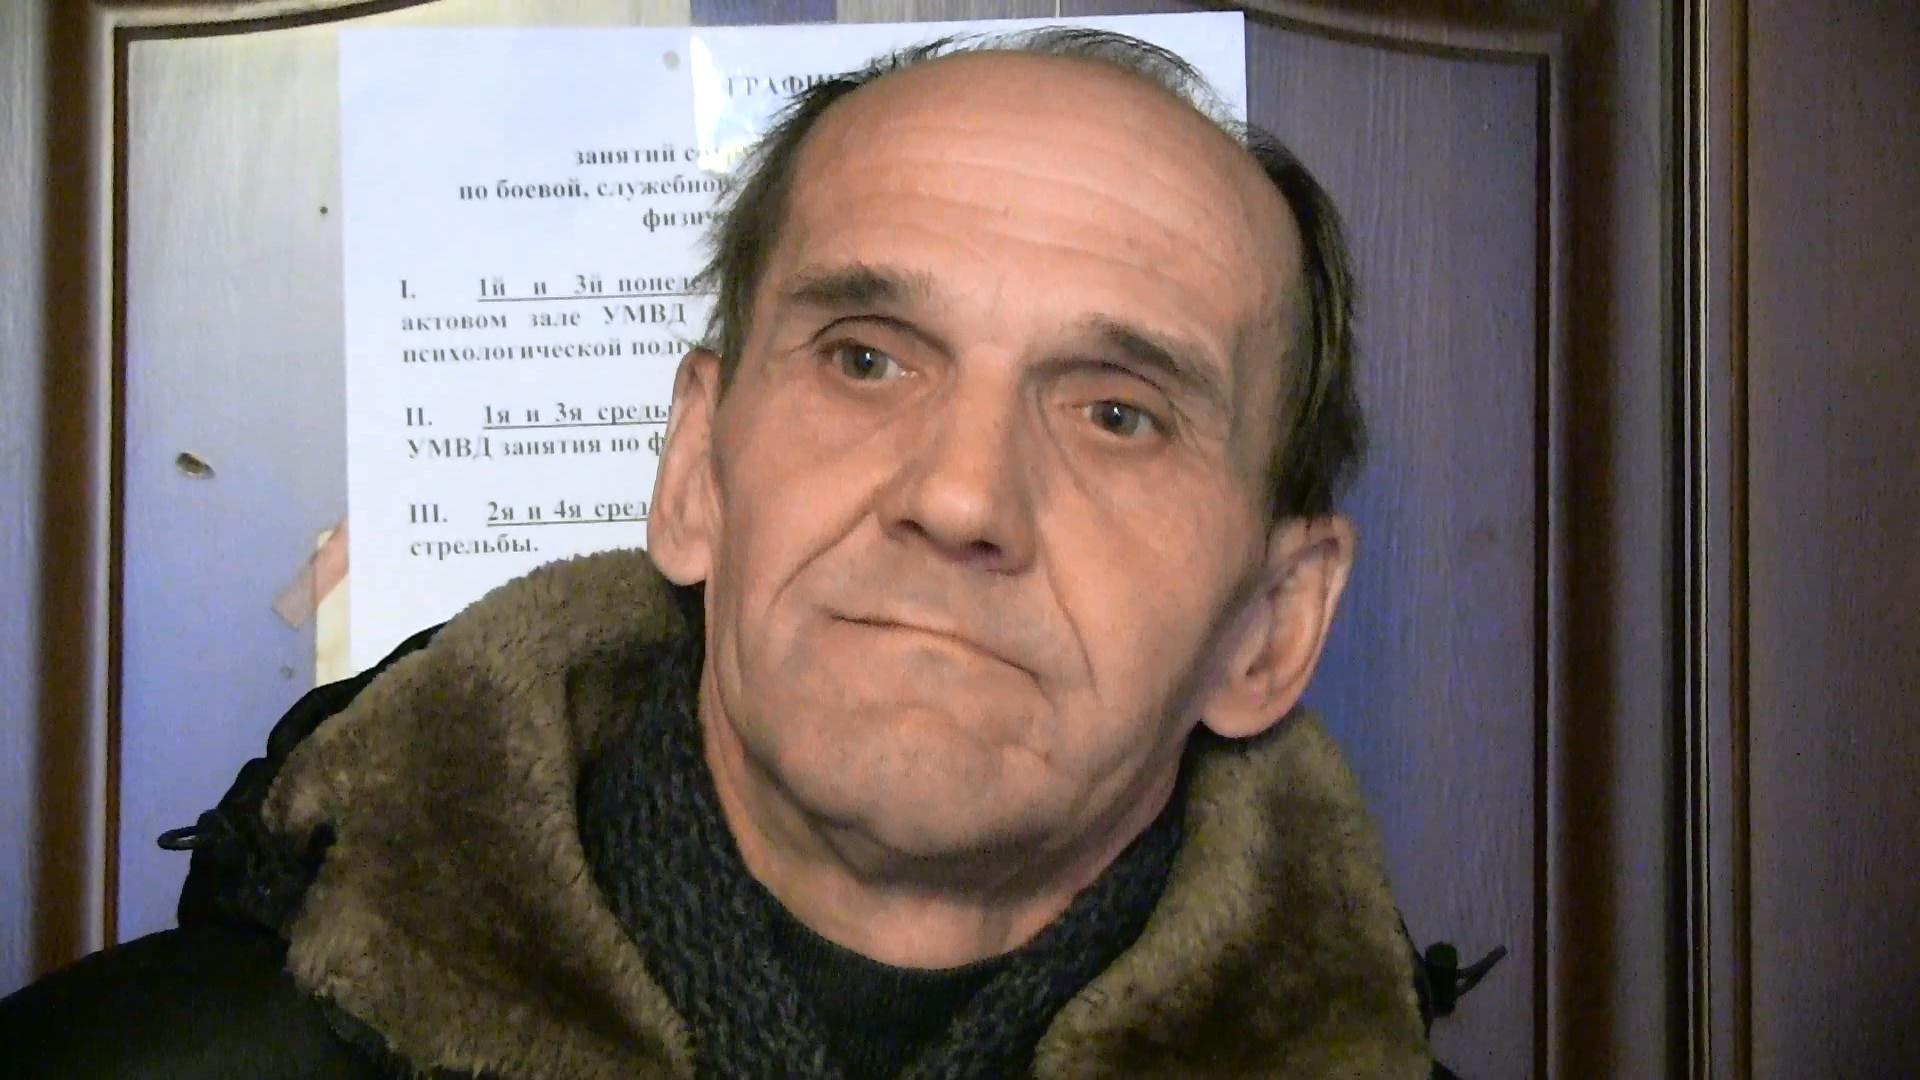 Я— генерал: мошенник изЕкатеринбурга заденьги предлагал людям выгодное трудоустройство